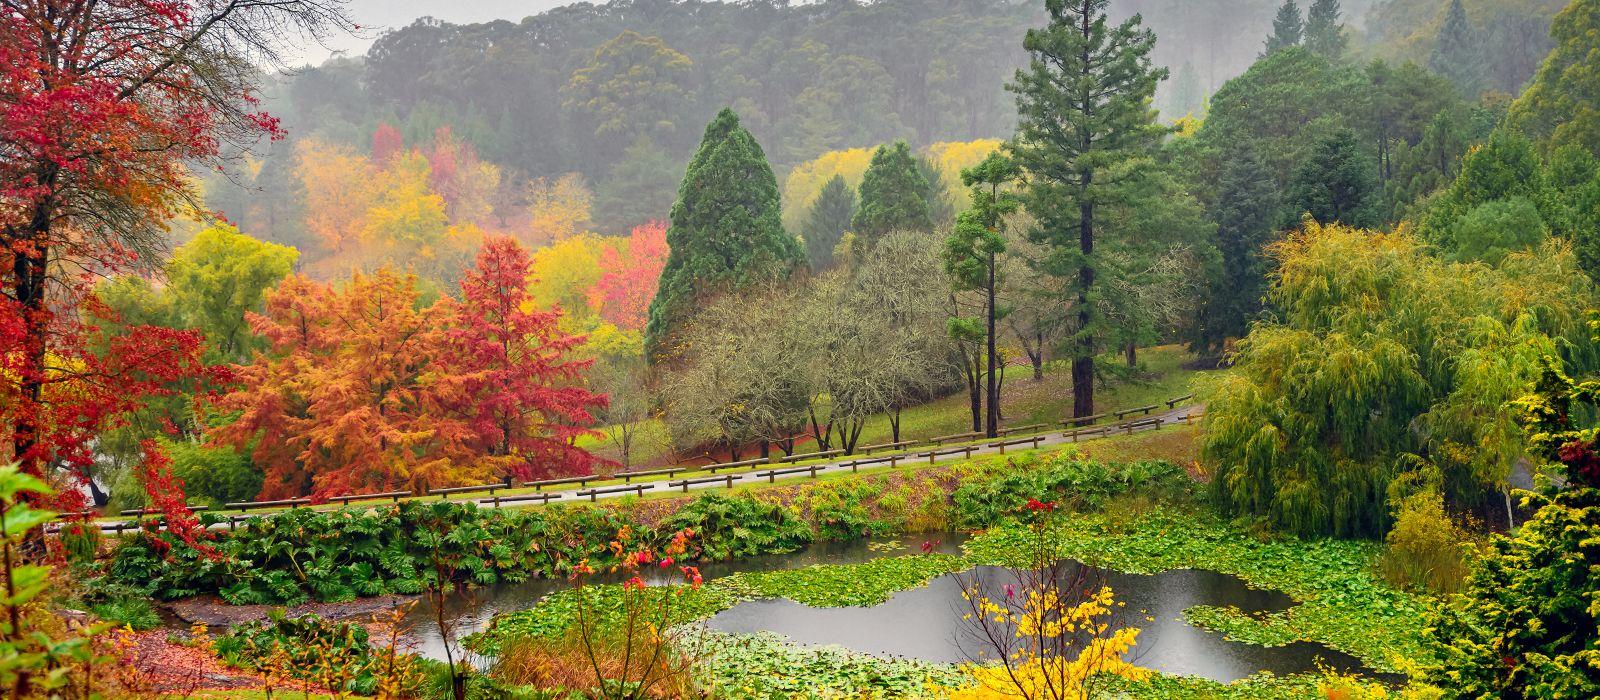 Reiseziel Adelaide Hills Australien